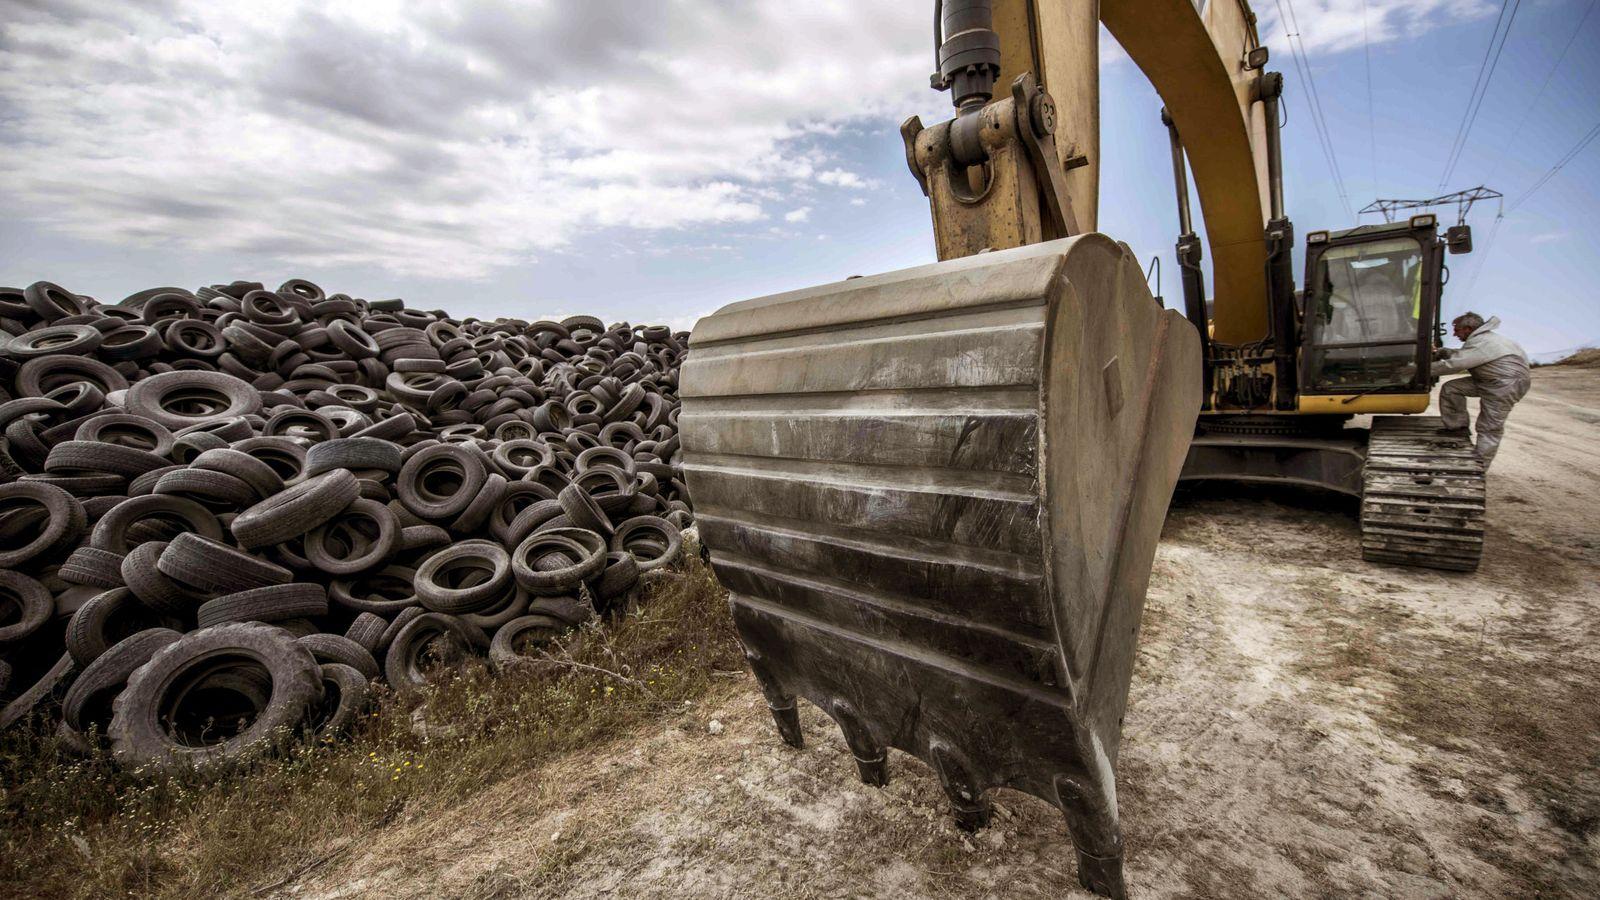 Foto: Una máquina excavadora trabaja en el verterdero de neumaticos de Seseña, en Castilla-La Mancha. (EFE)